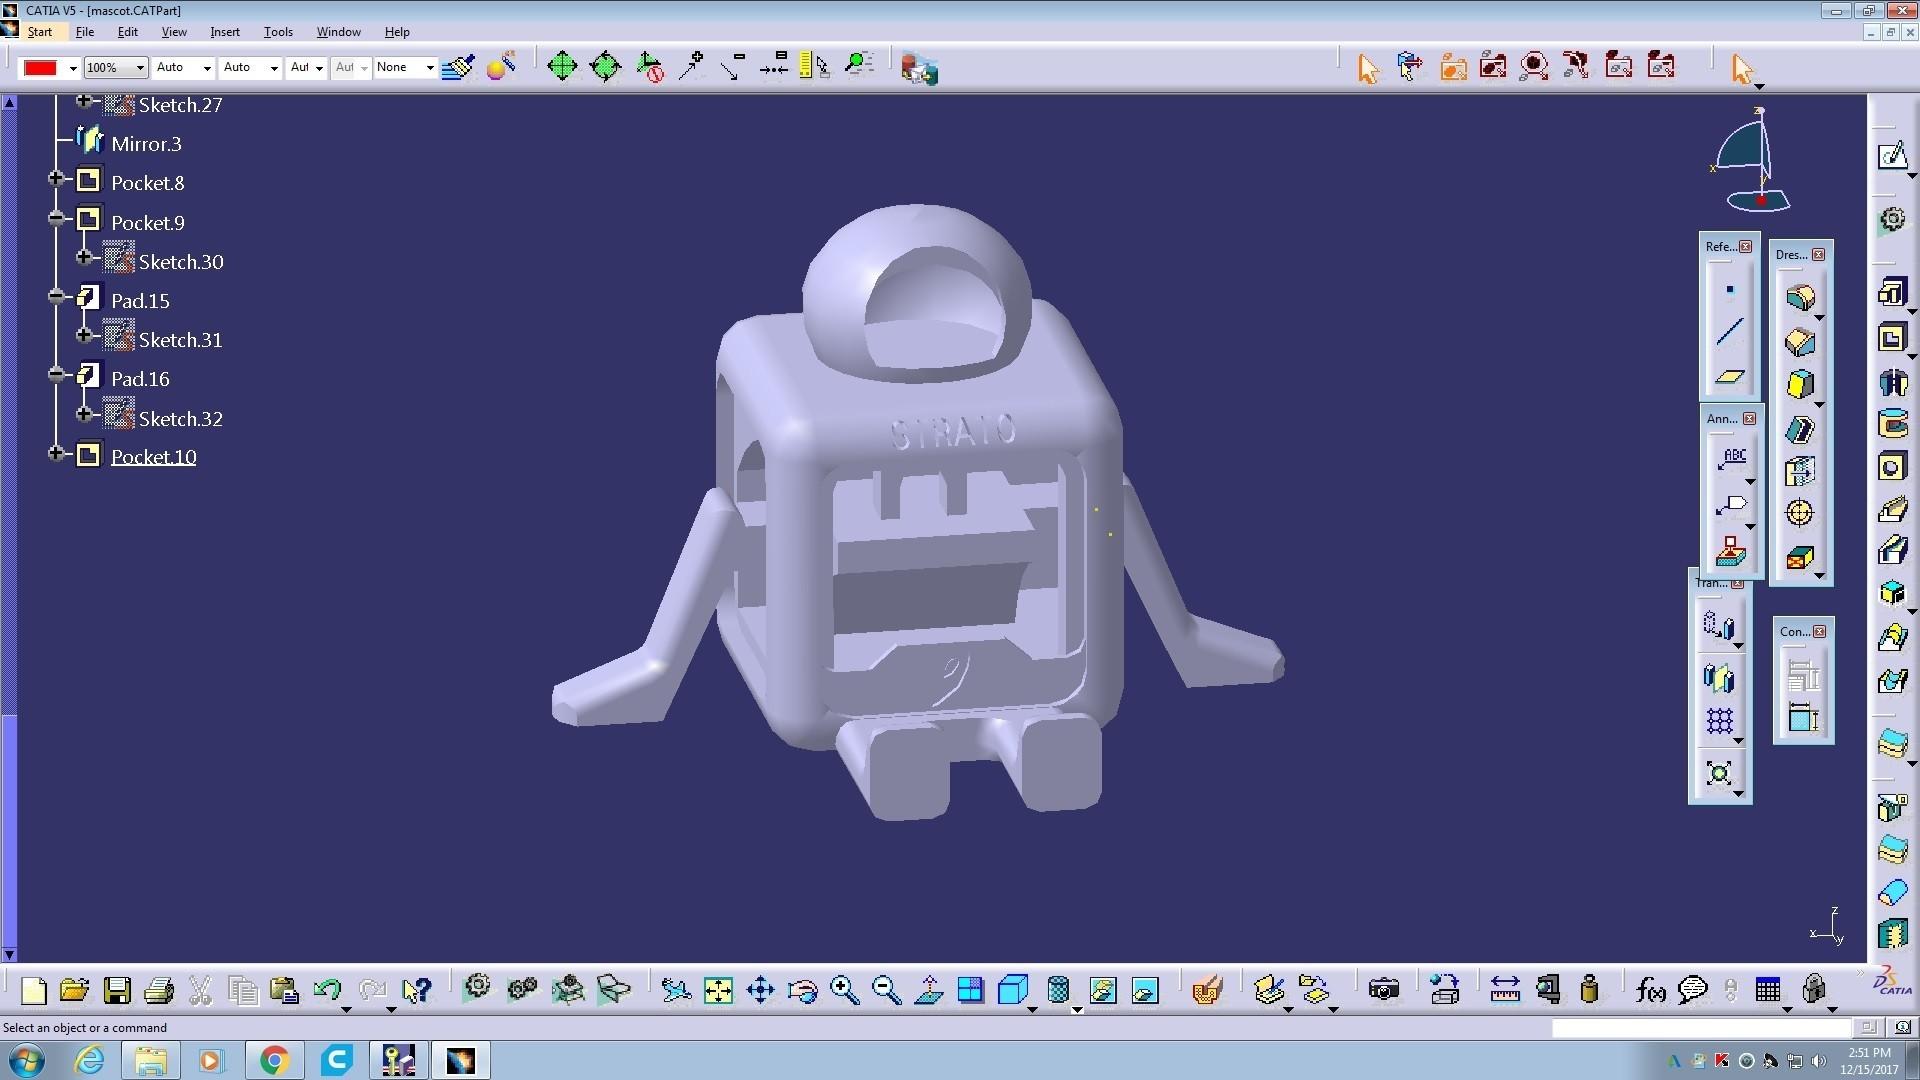 mascot3.jpg Download free STL file STRATO (NO SUPPORTS)  • 3D printing design, nicjones1